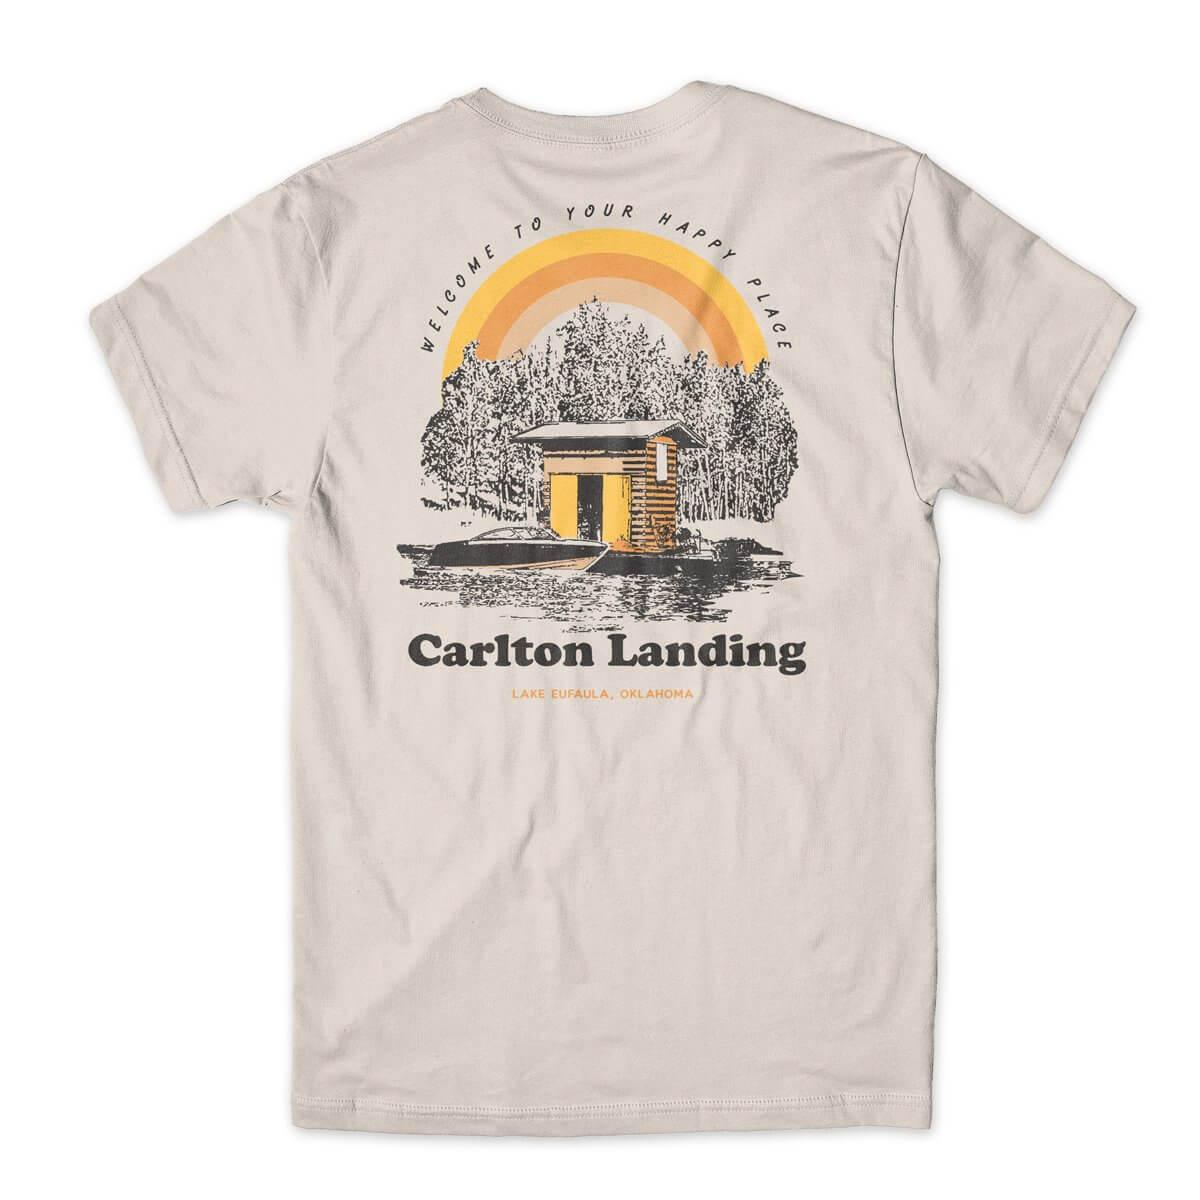 Carlton Landing Boat Dock t-shirt